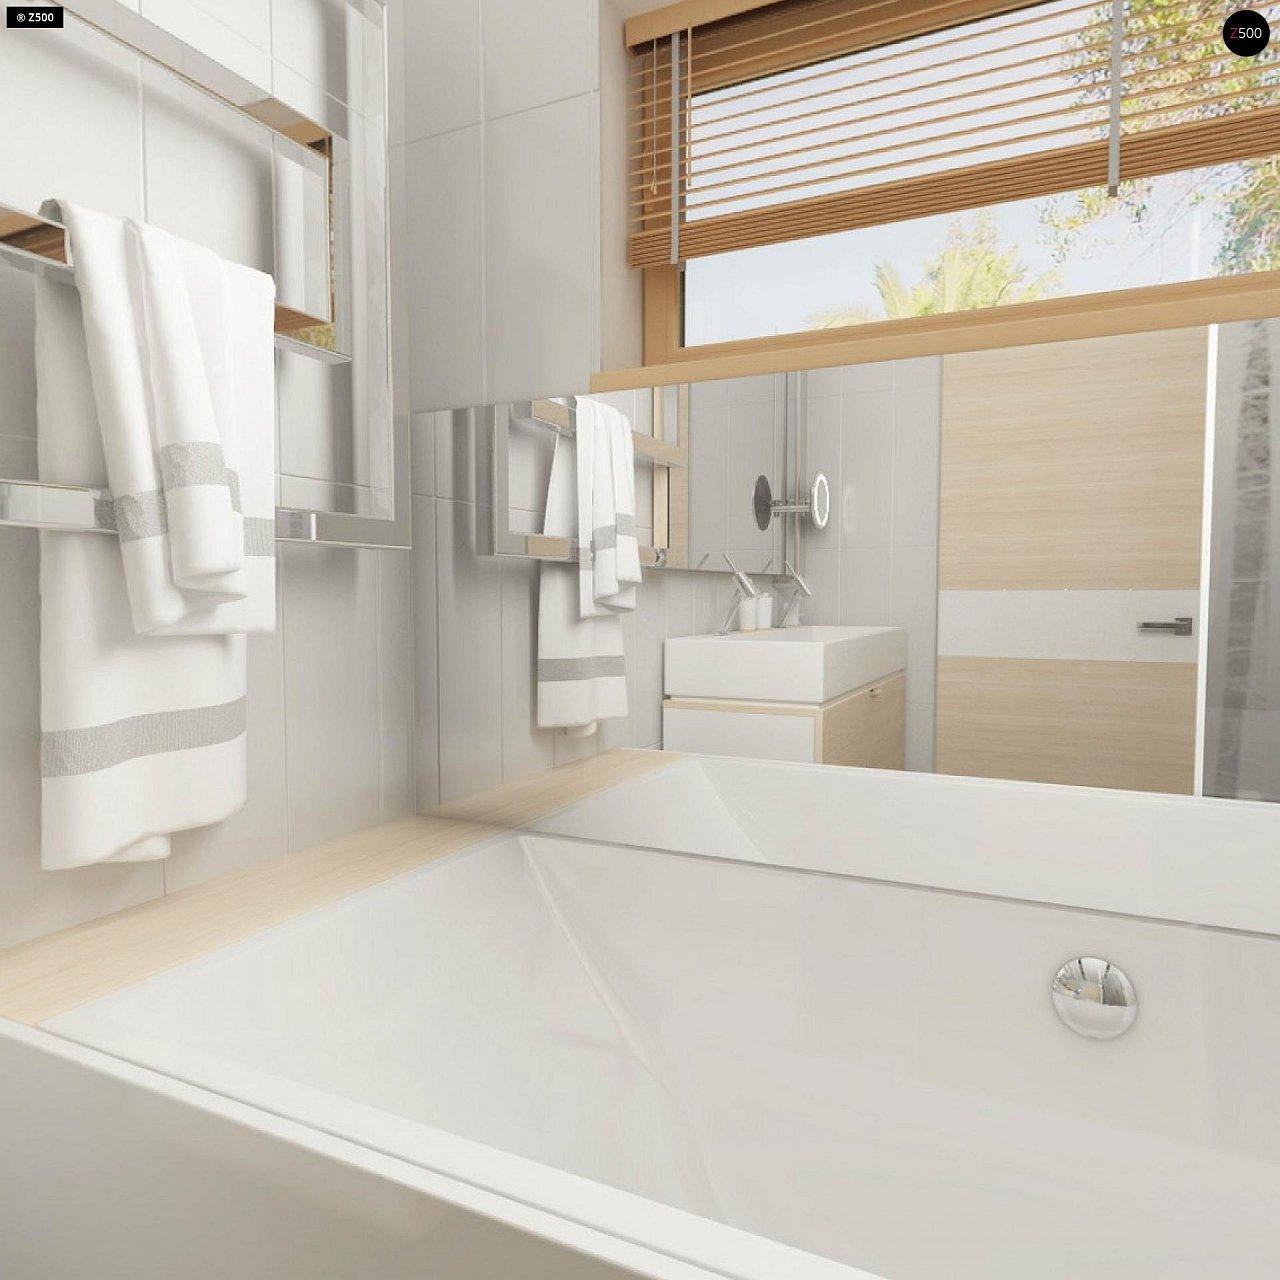 Прекрасное сочетание строгих минималистичных форм и уютного практичного интерьера. 20